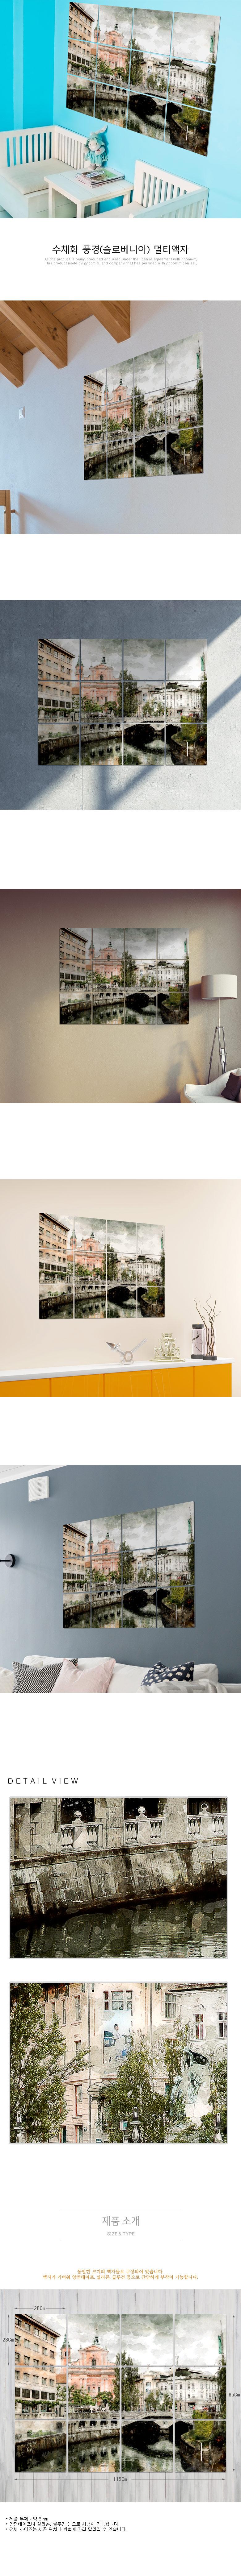 멀티액자_수채화풍경(슬로베니아) - 꾸밈, 74,000원, 홈갤러리, 사진아트